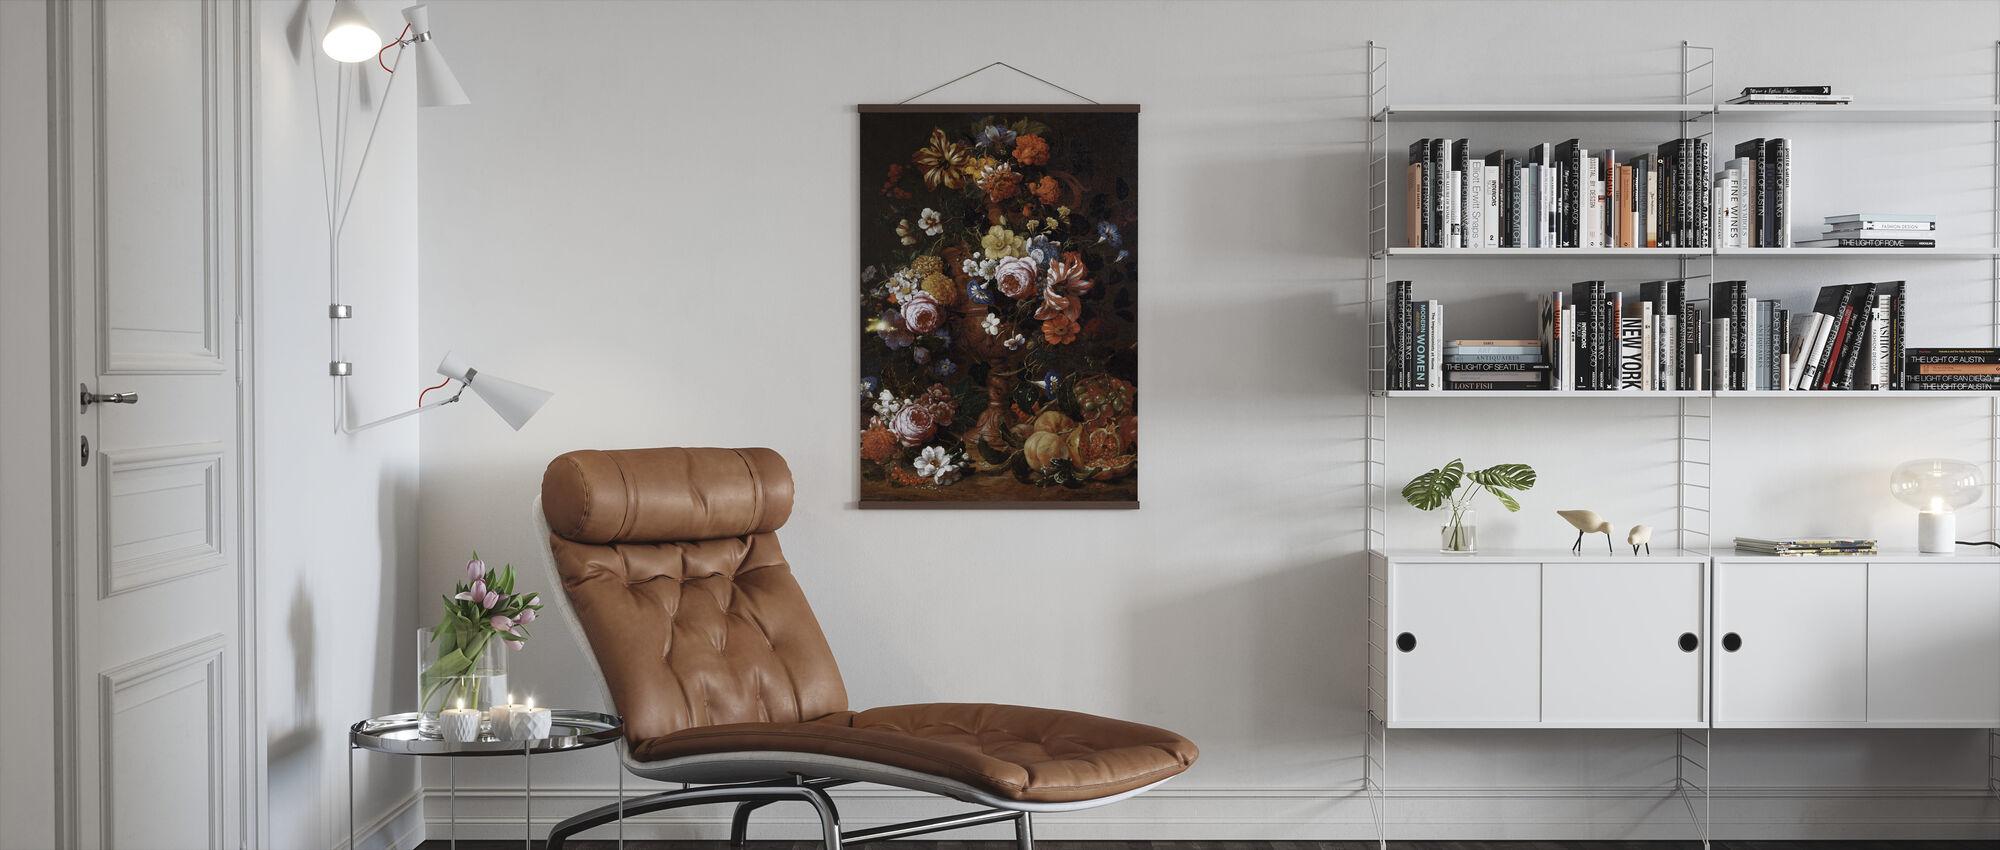 Urn of Flowers - Nicolas van Veerendael - Poster - Living Room